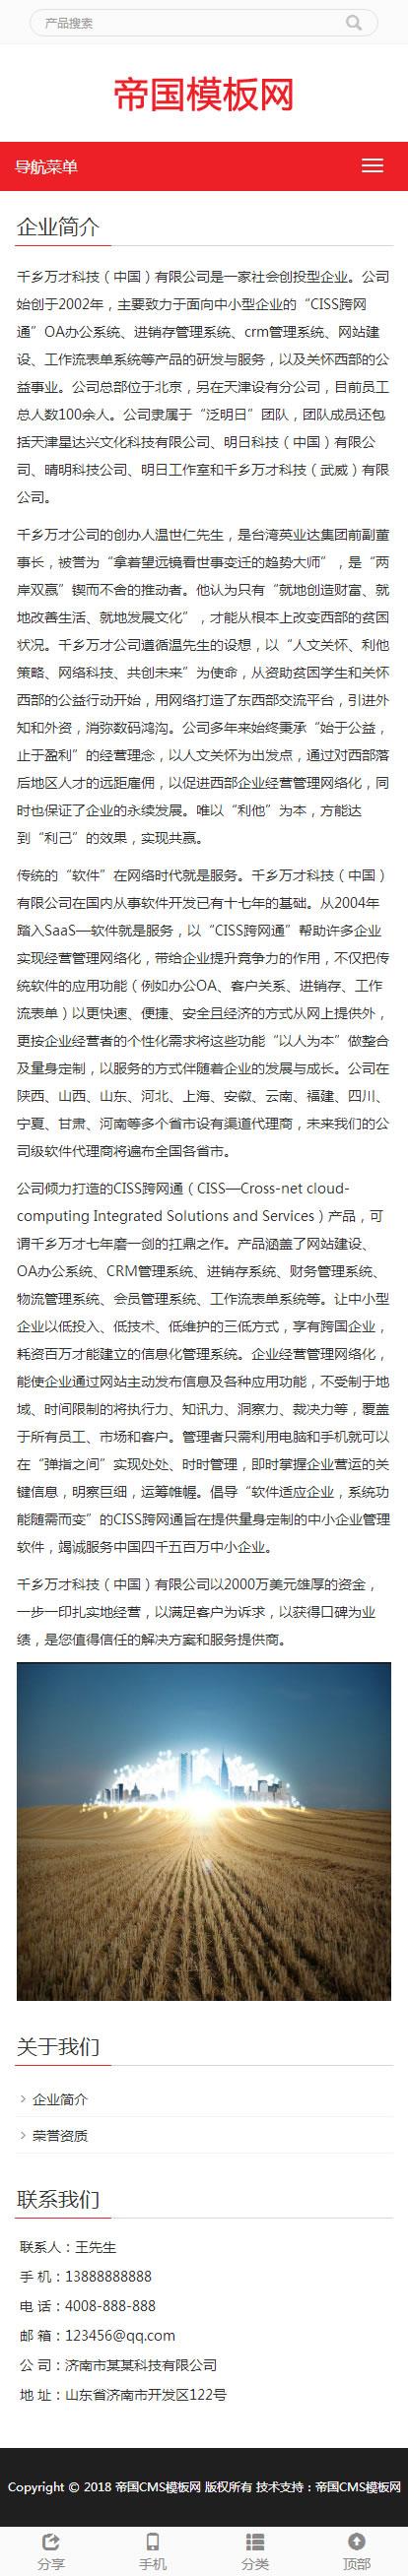 红色大气帝国cms自适应手机版公司企业网站模板_手机版单页